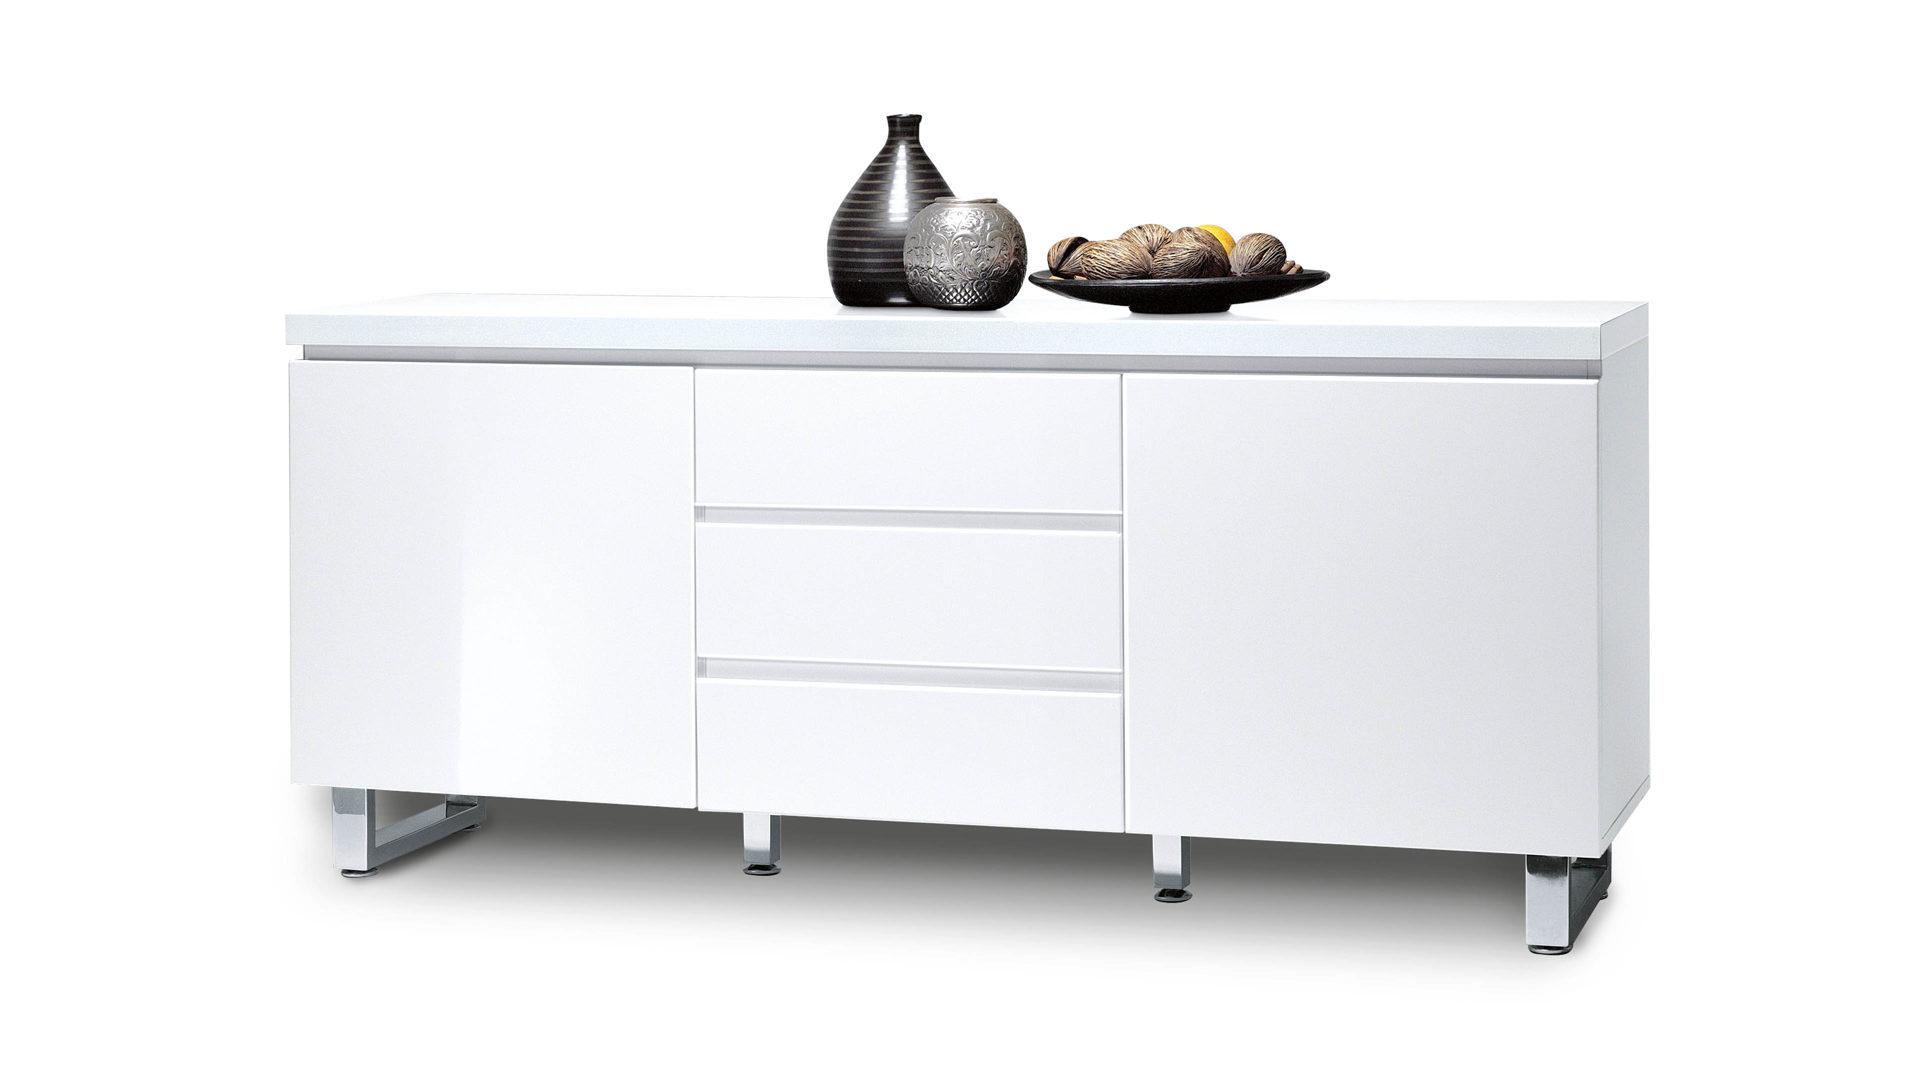 Möbel Boer Coesfeld, Räume, Schlafzimmer, Kommoden + Sideboards, Sideboard,  Sideboard, Eine Kommode Mit Eleganter Note, Weiße Kunststoff  ...